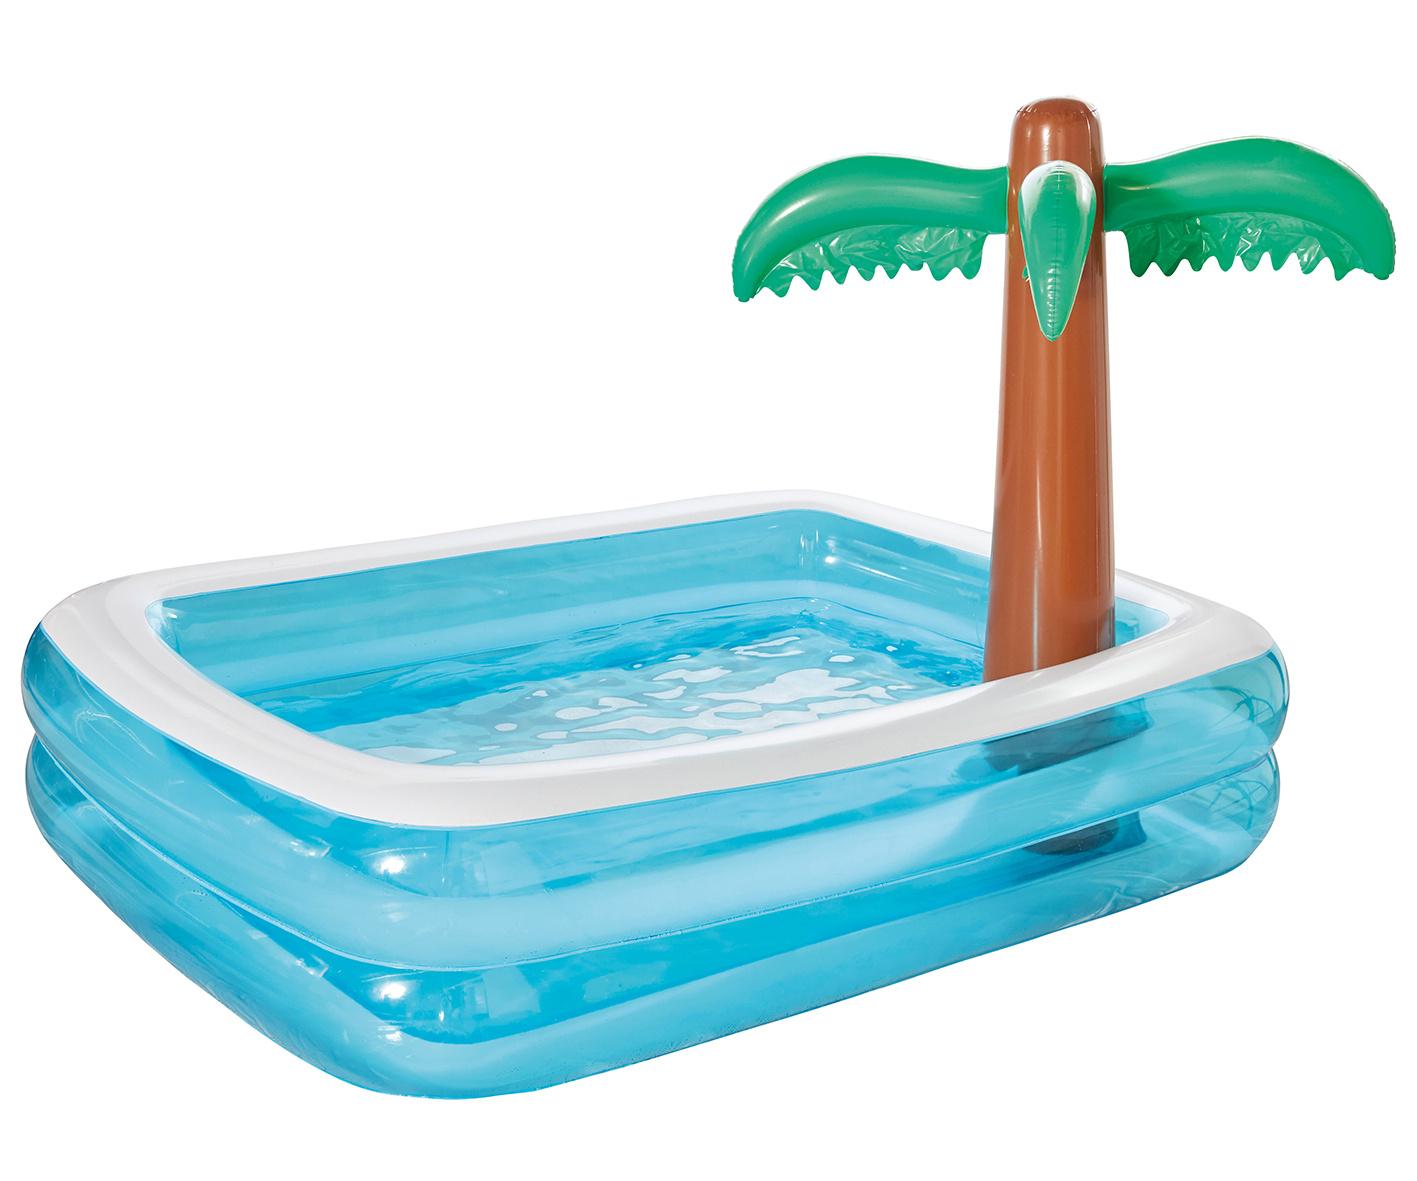 Pool Aufblasbar Sommerpool Becken  - Auswahl: Schwimmbecken Palme 200 x 150 cm blau